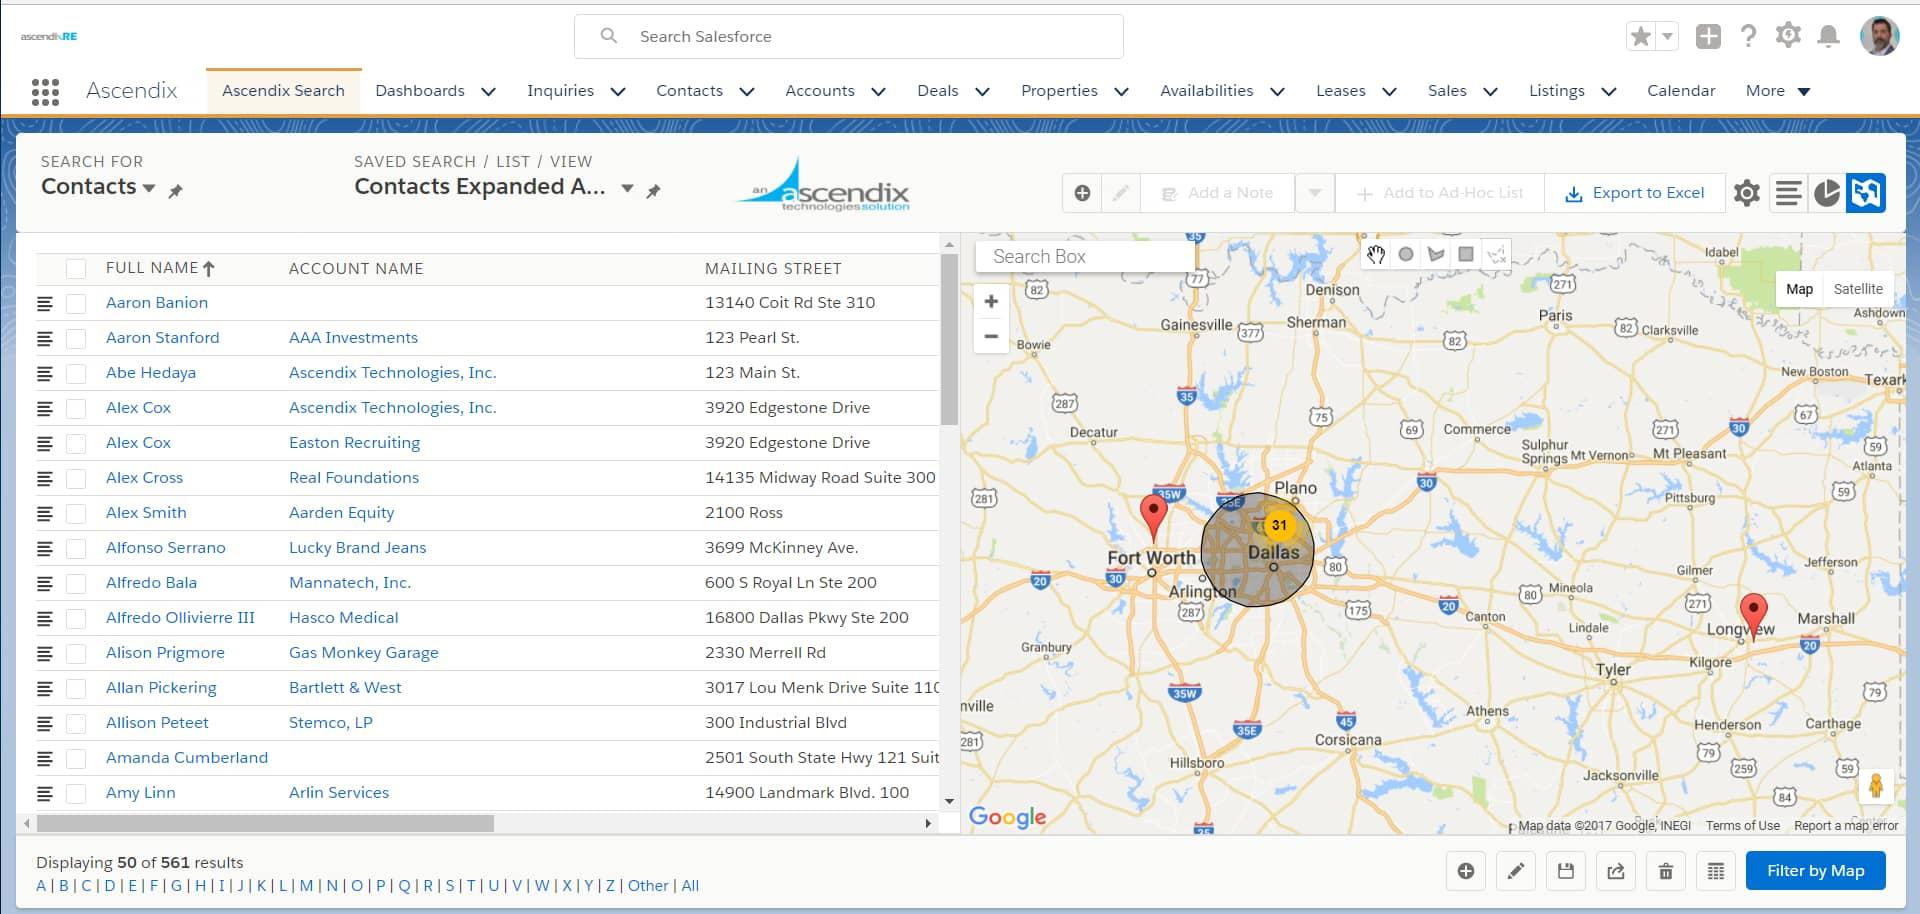 AscendixRE-Map-Search-Feature